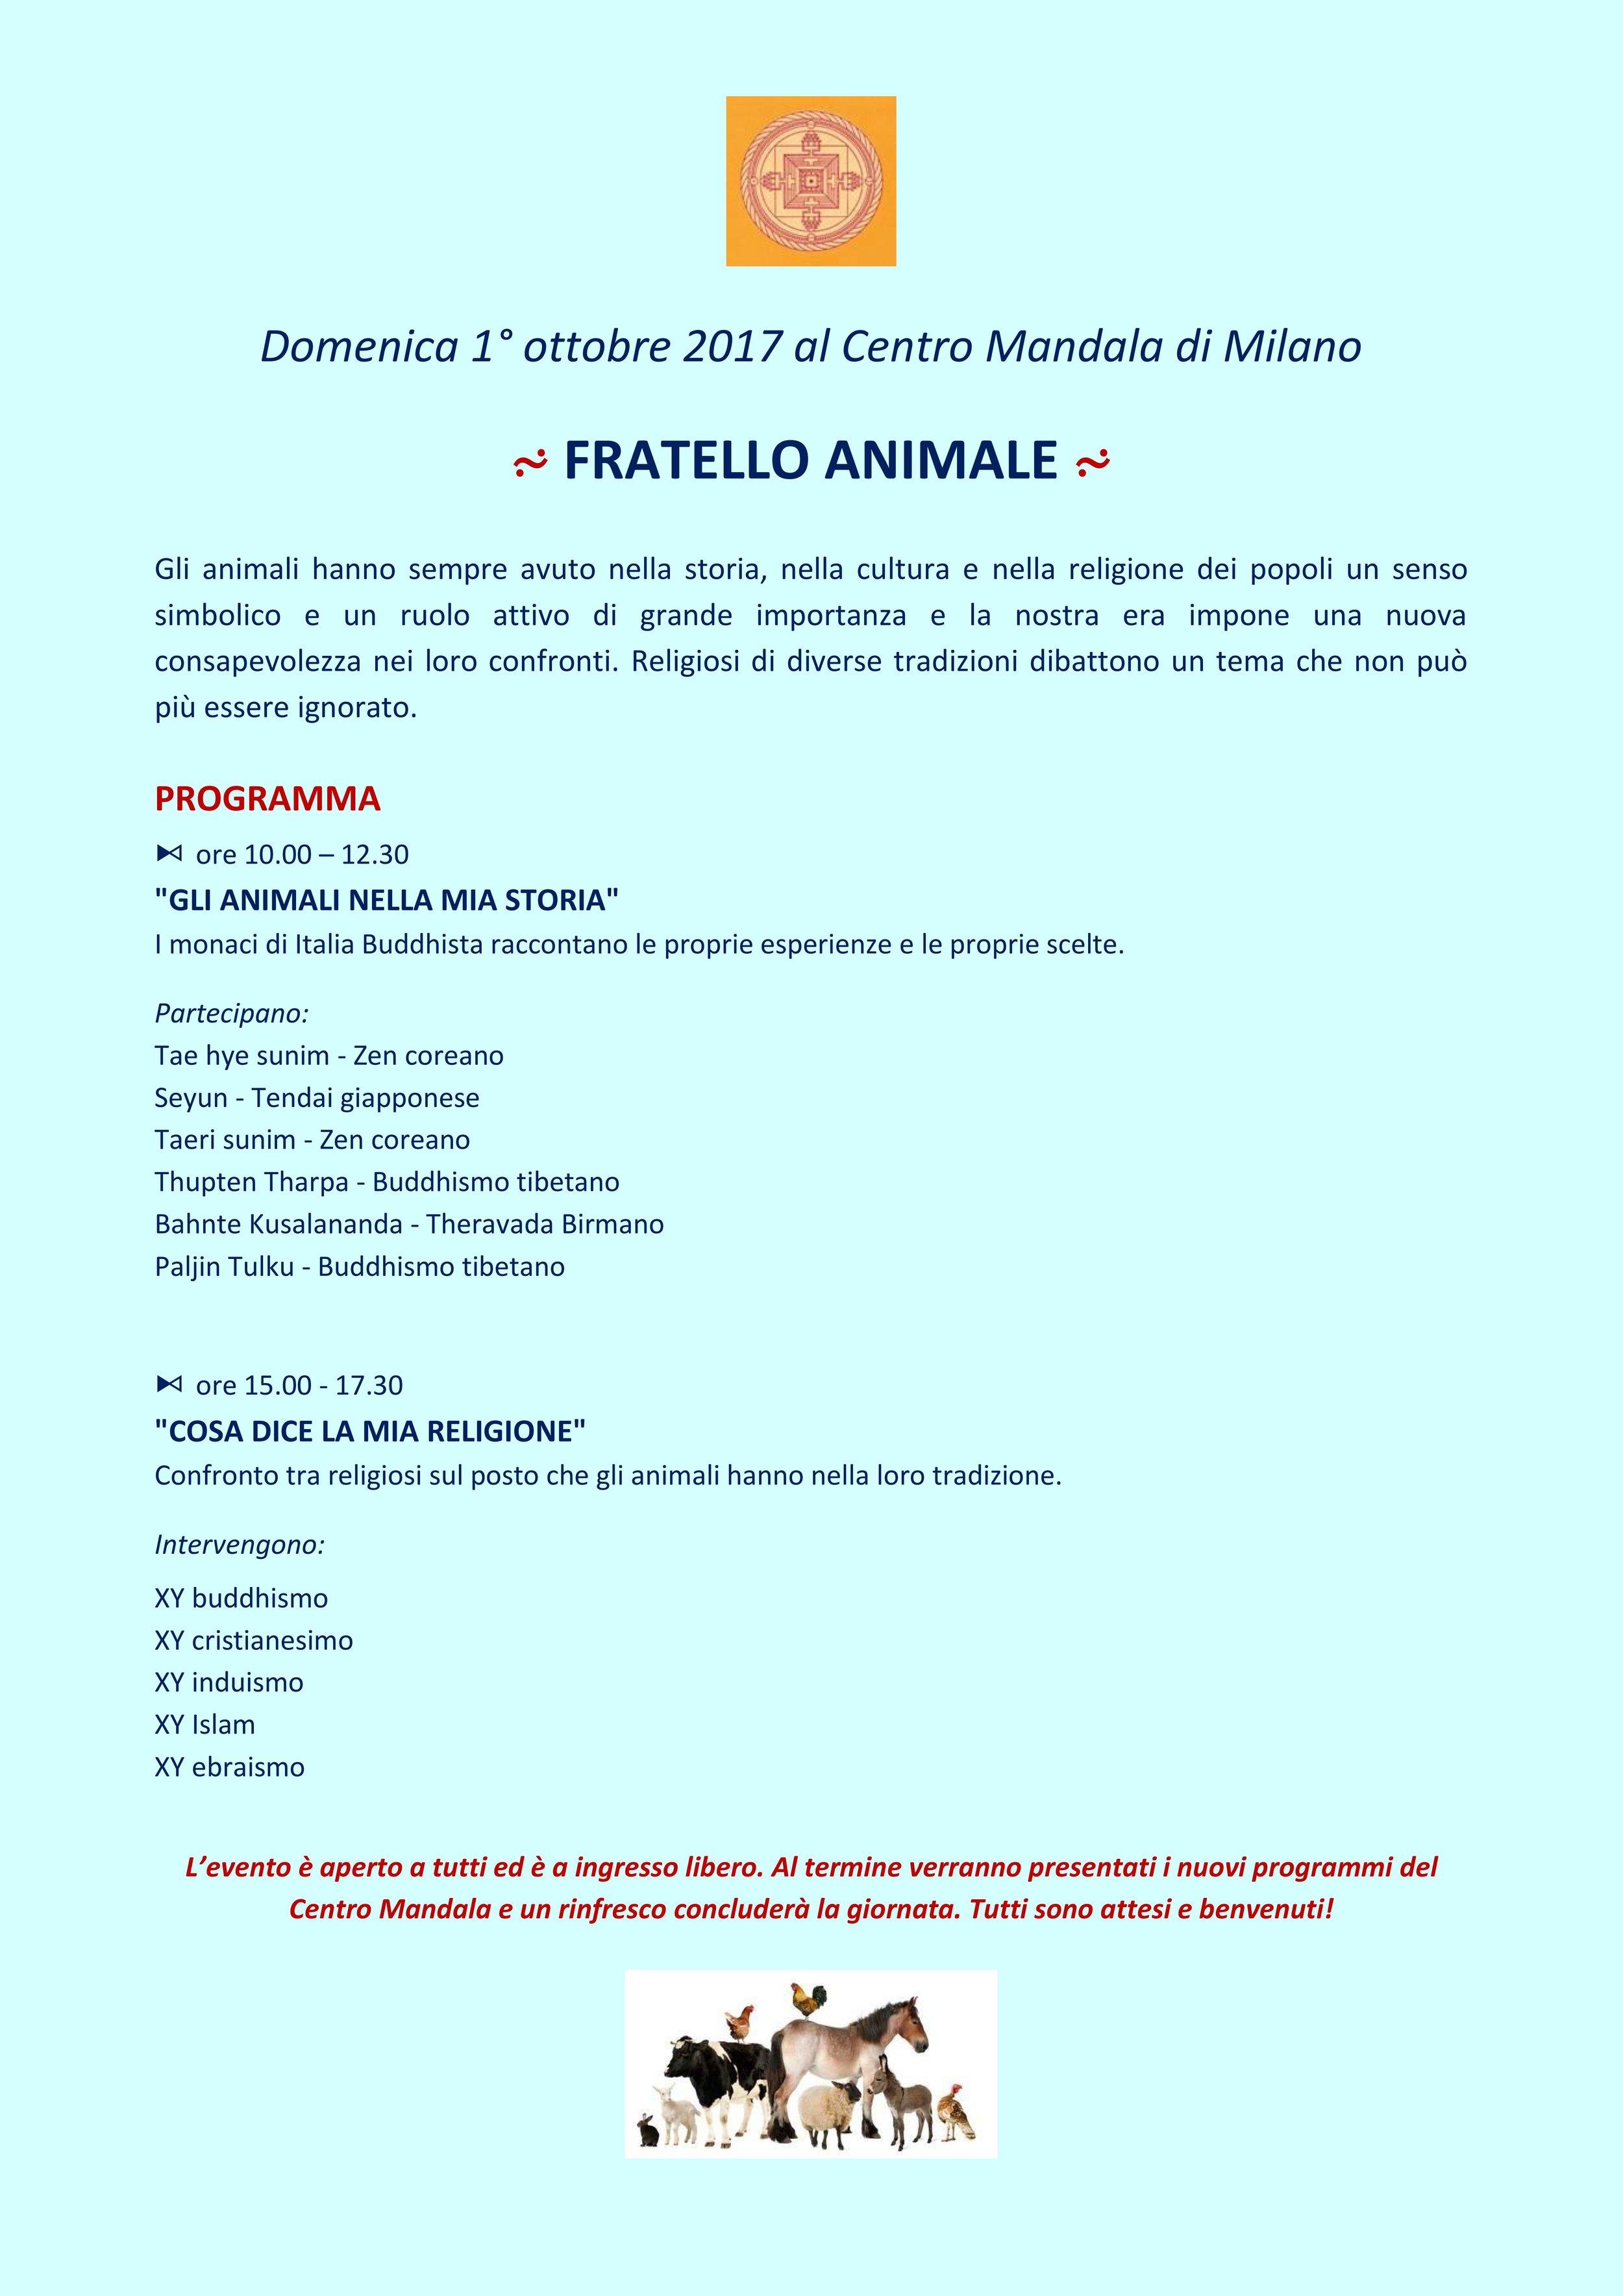 FRATELLO ANIMALE ottobre 2017_01.jpg